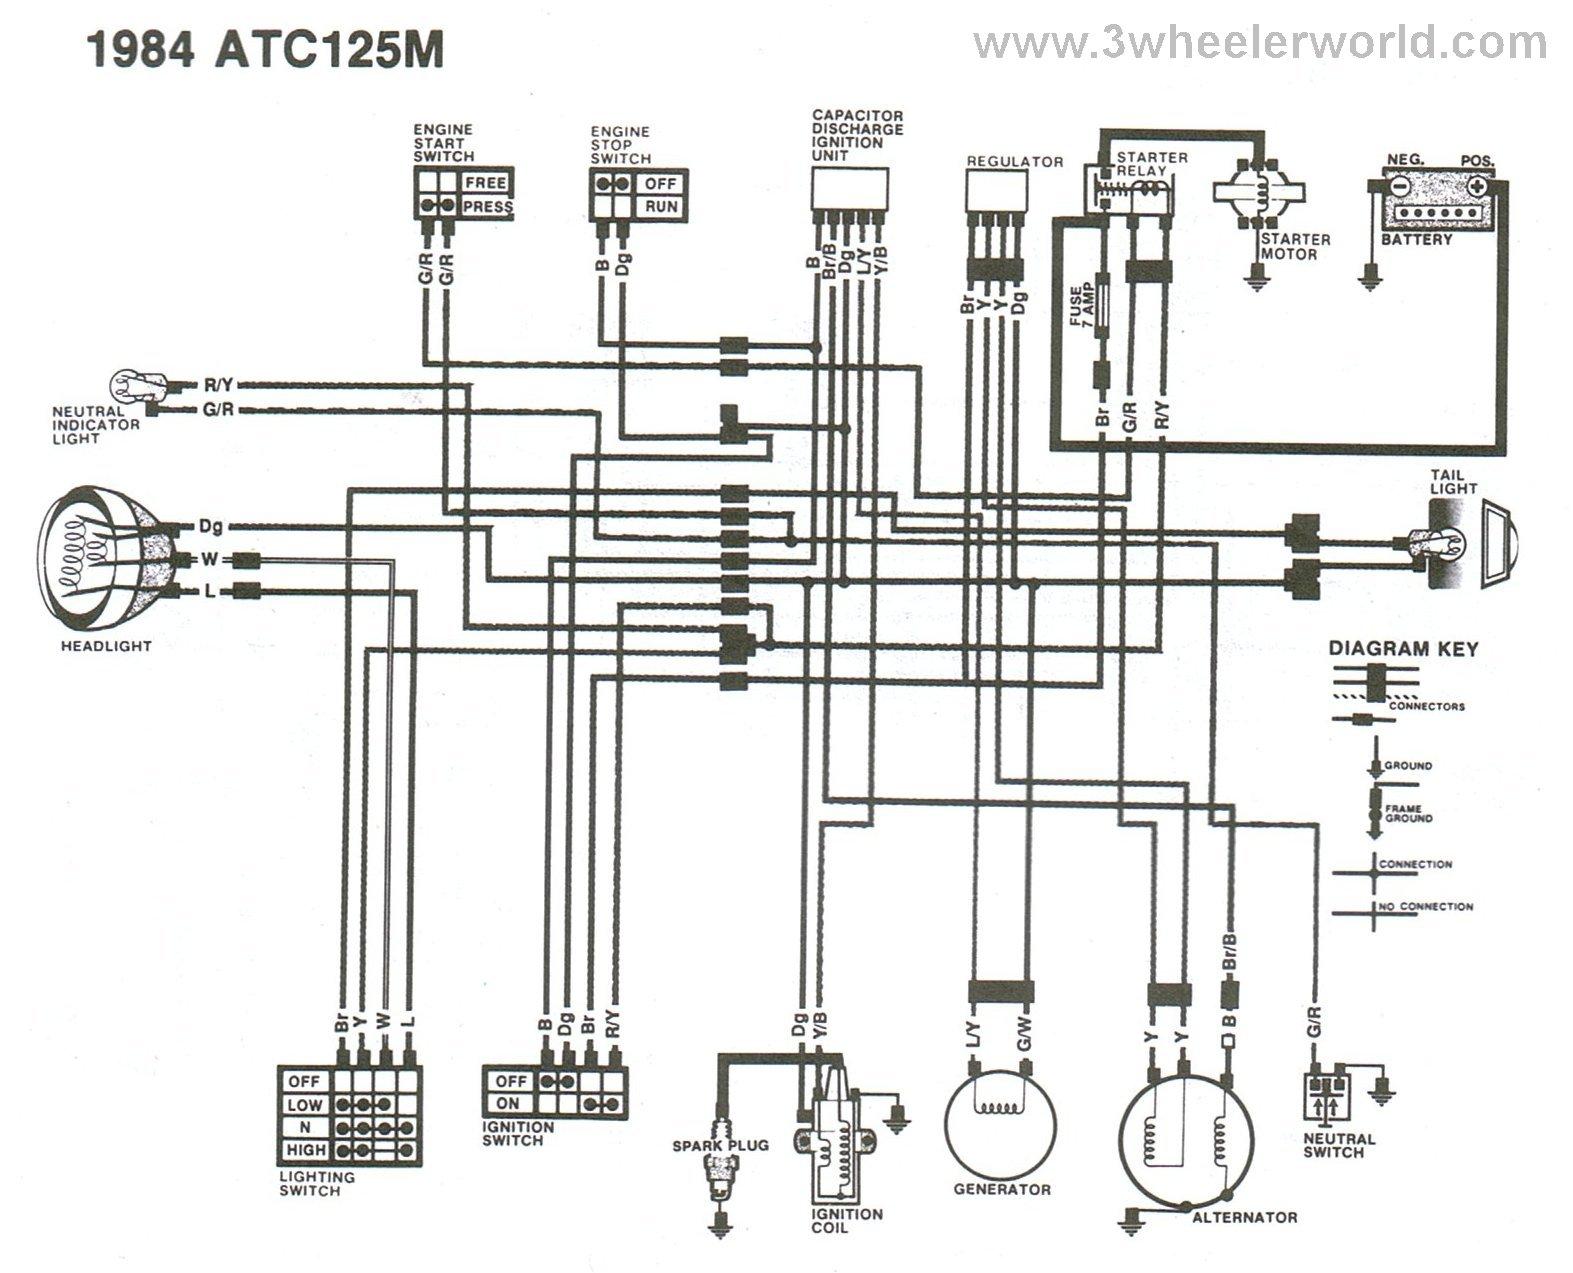 gaswith 1996 club car starter generator wiring diagram